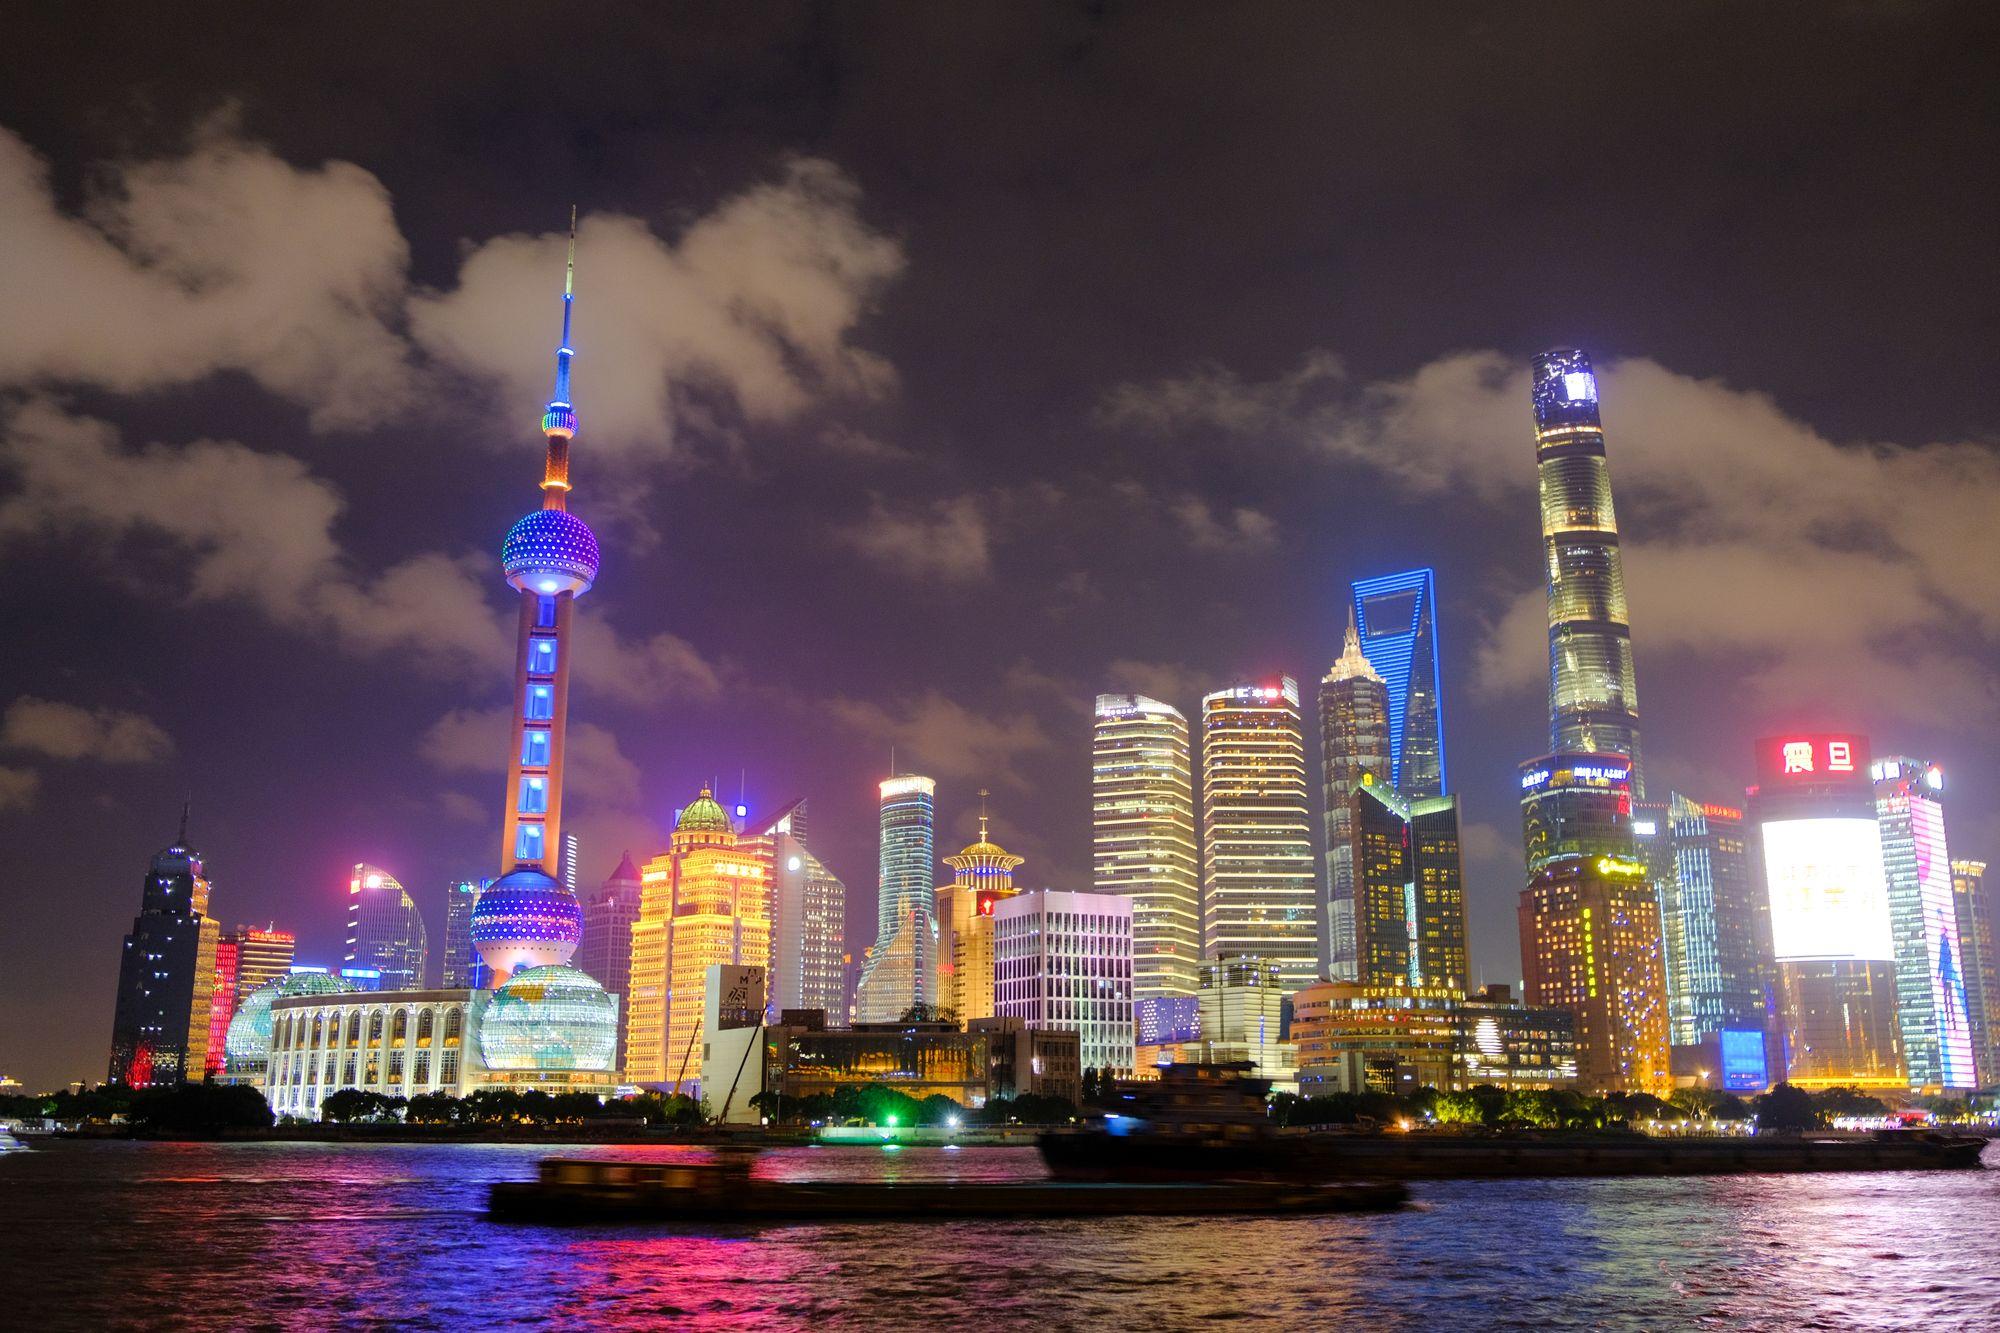 璀璨东方明珠夜景照片 - 上海滩免费正版图片下载